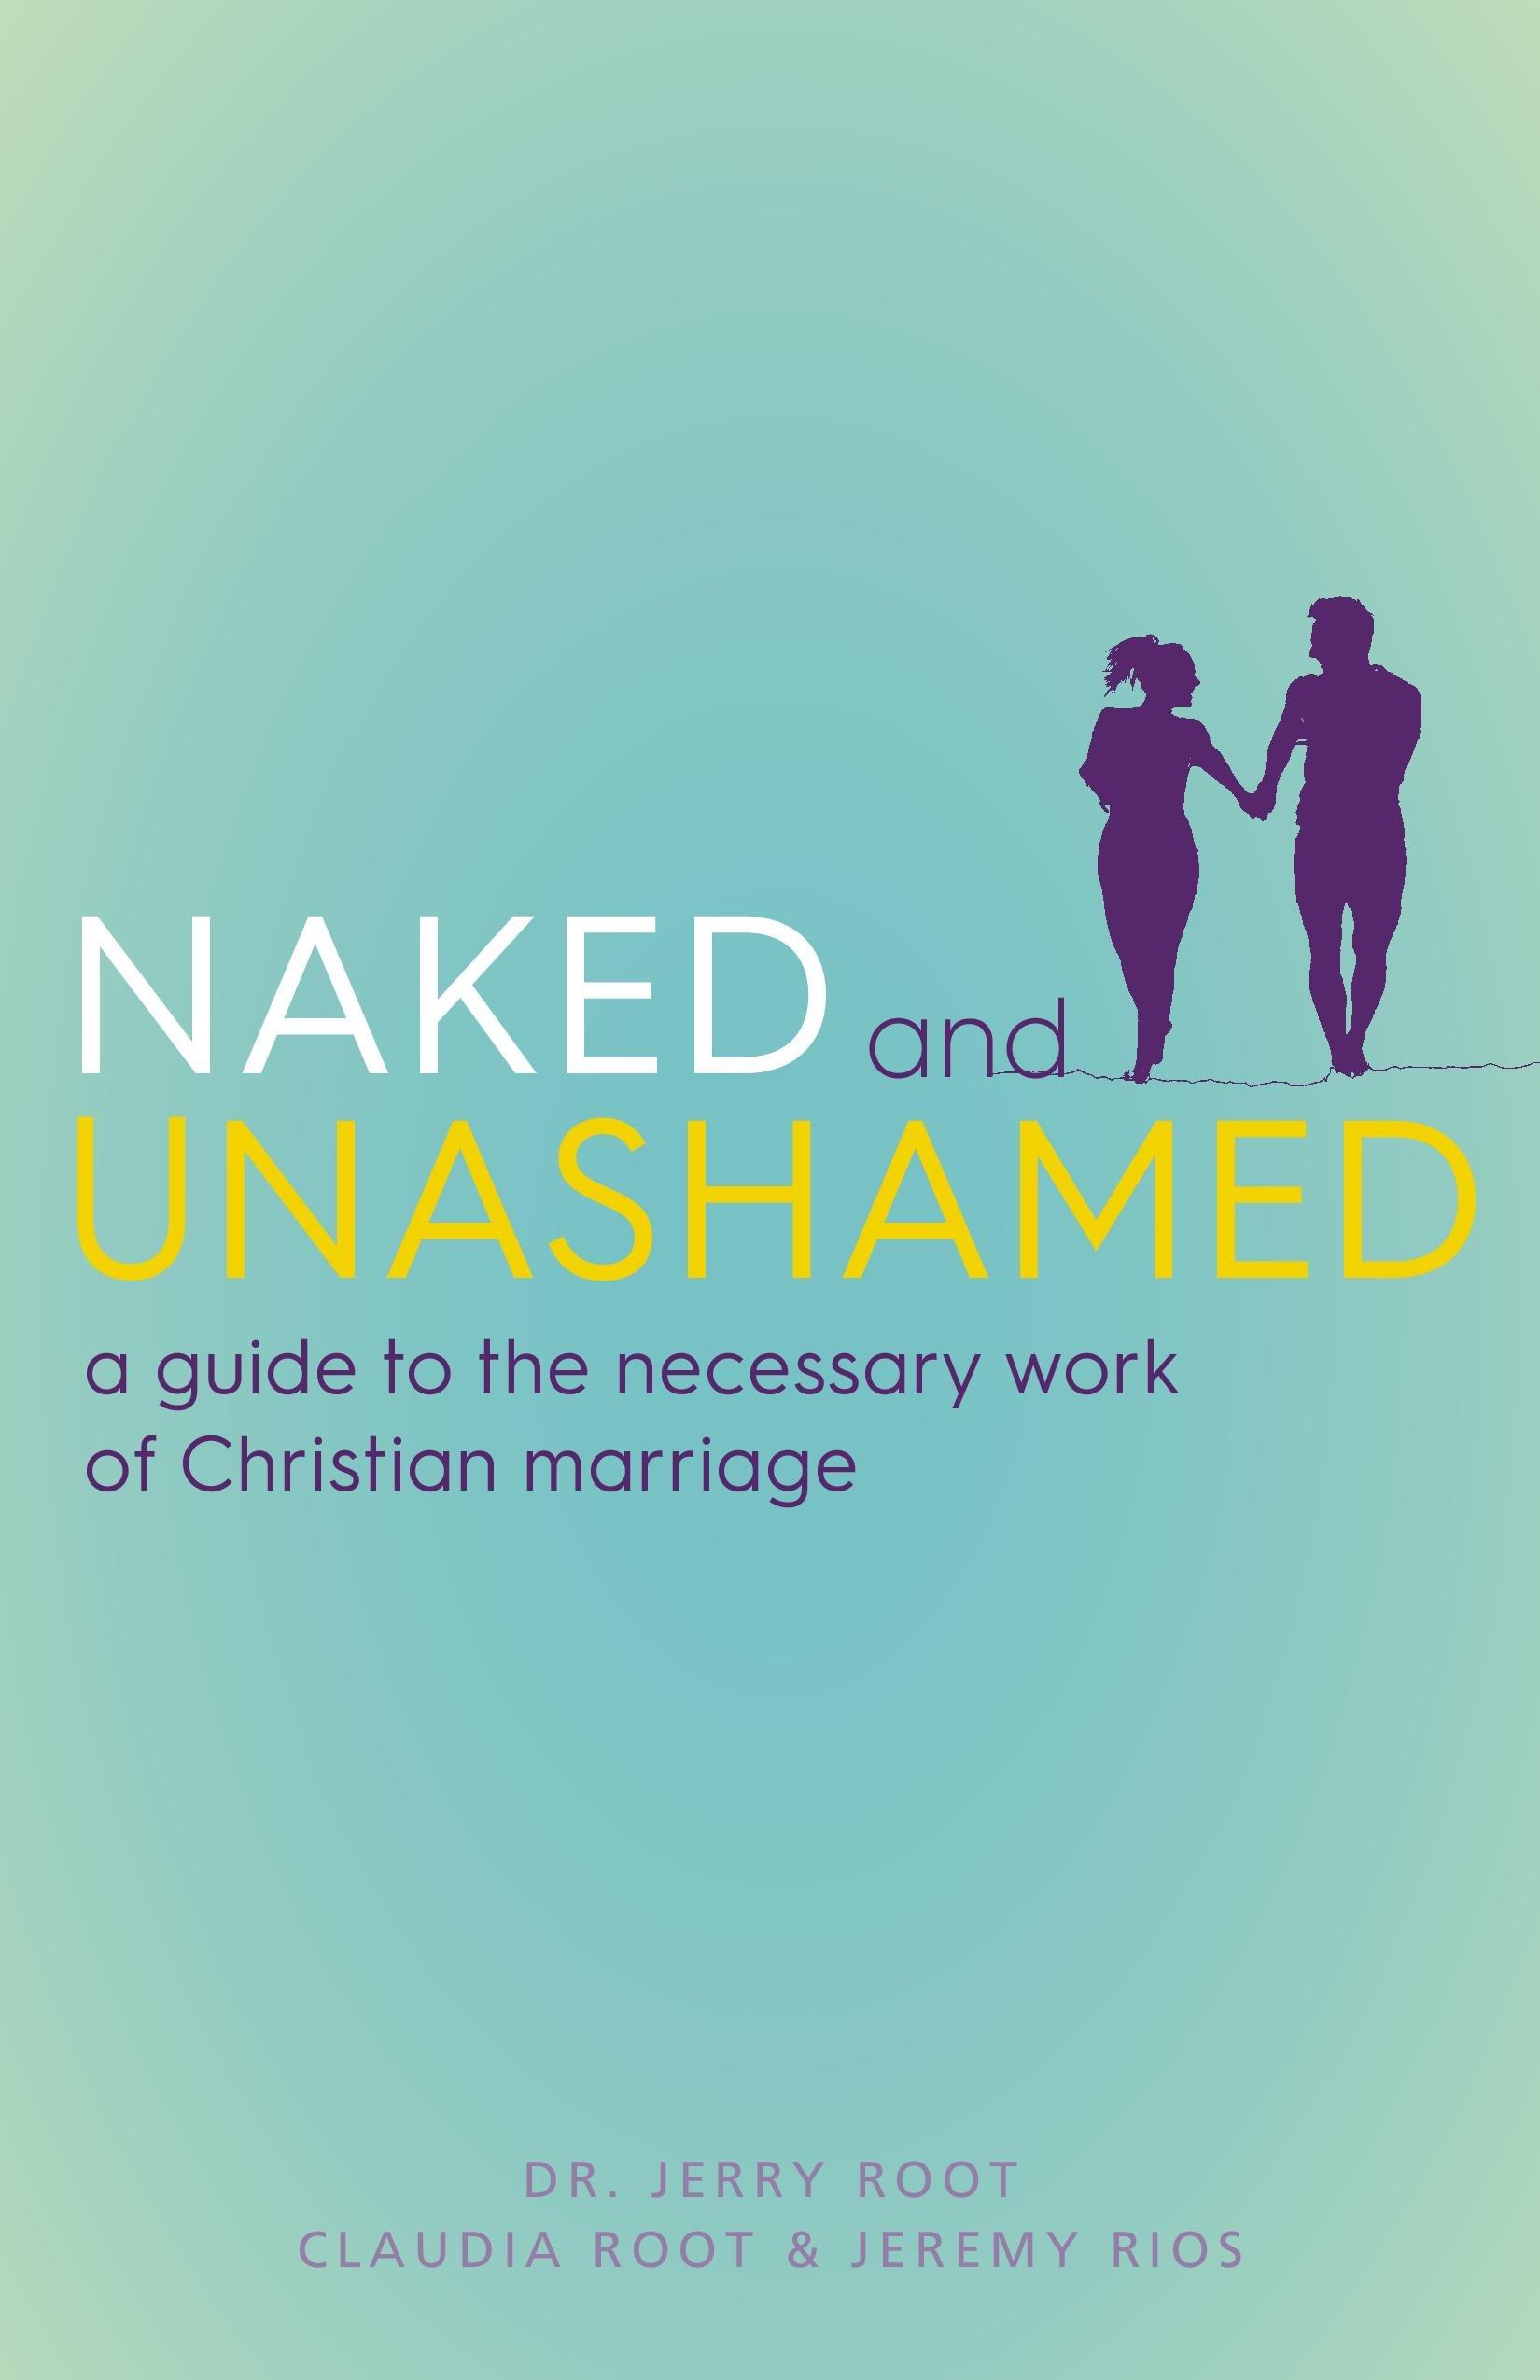 Naked and unashamed book